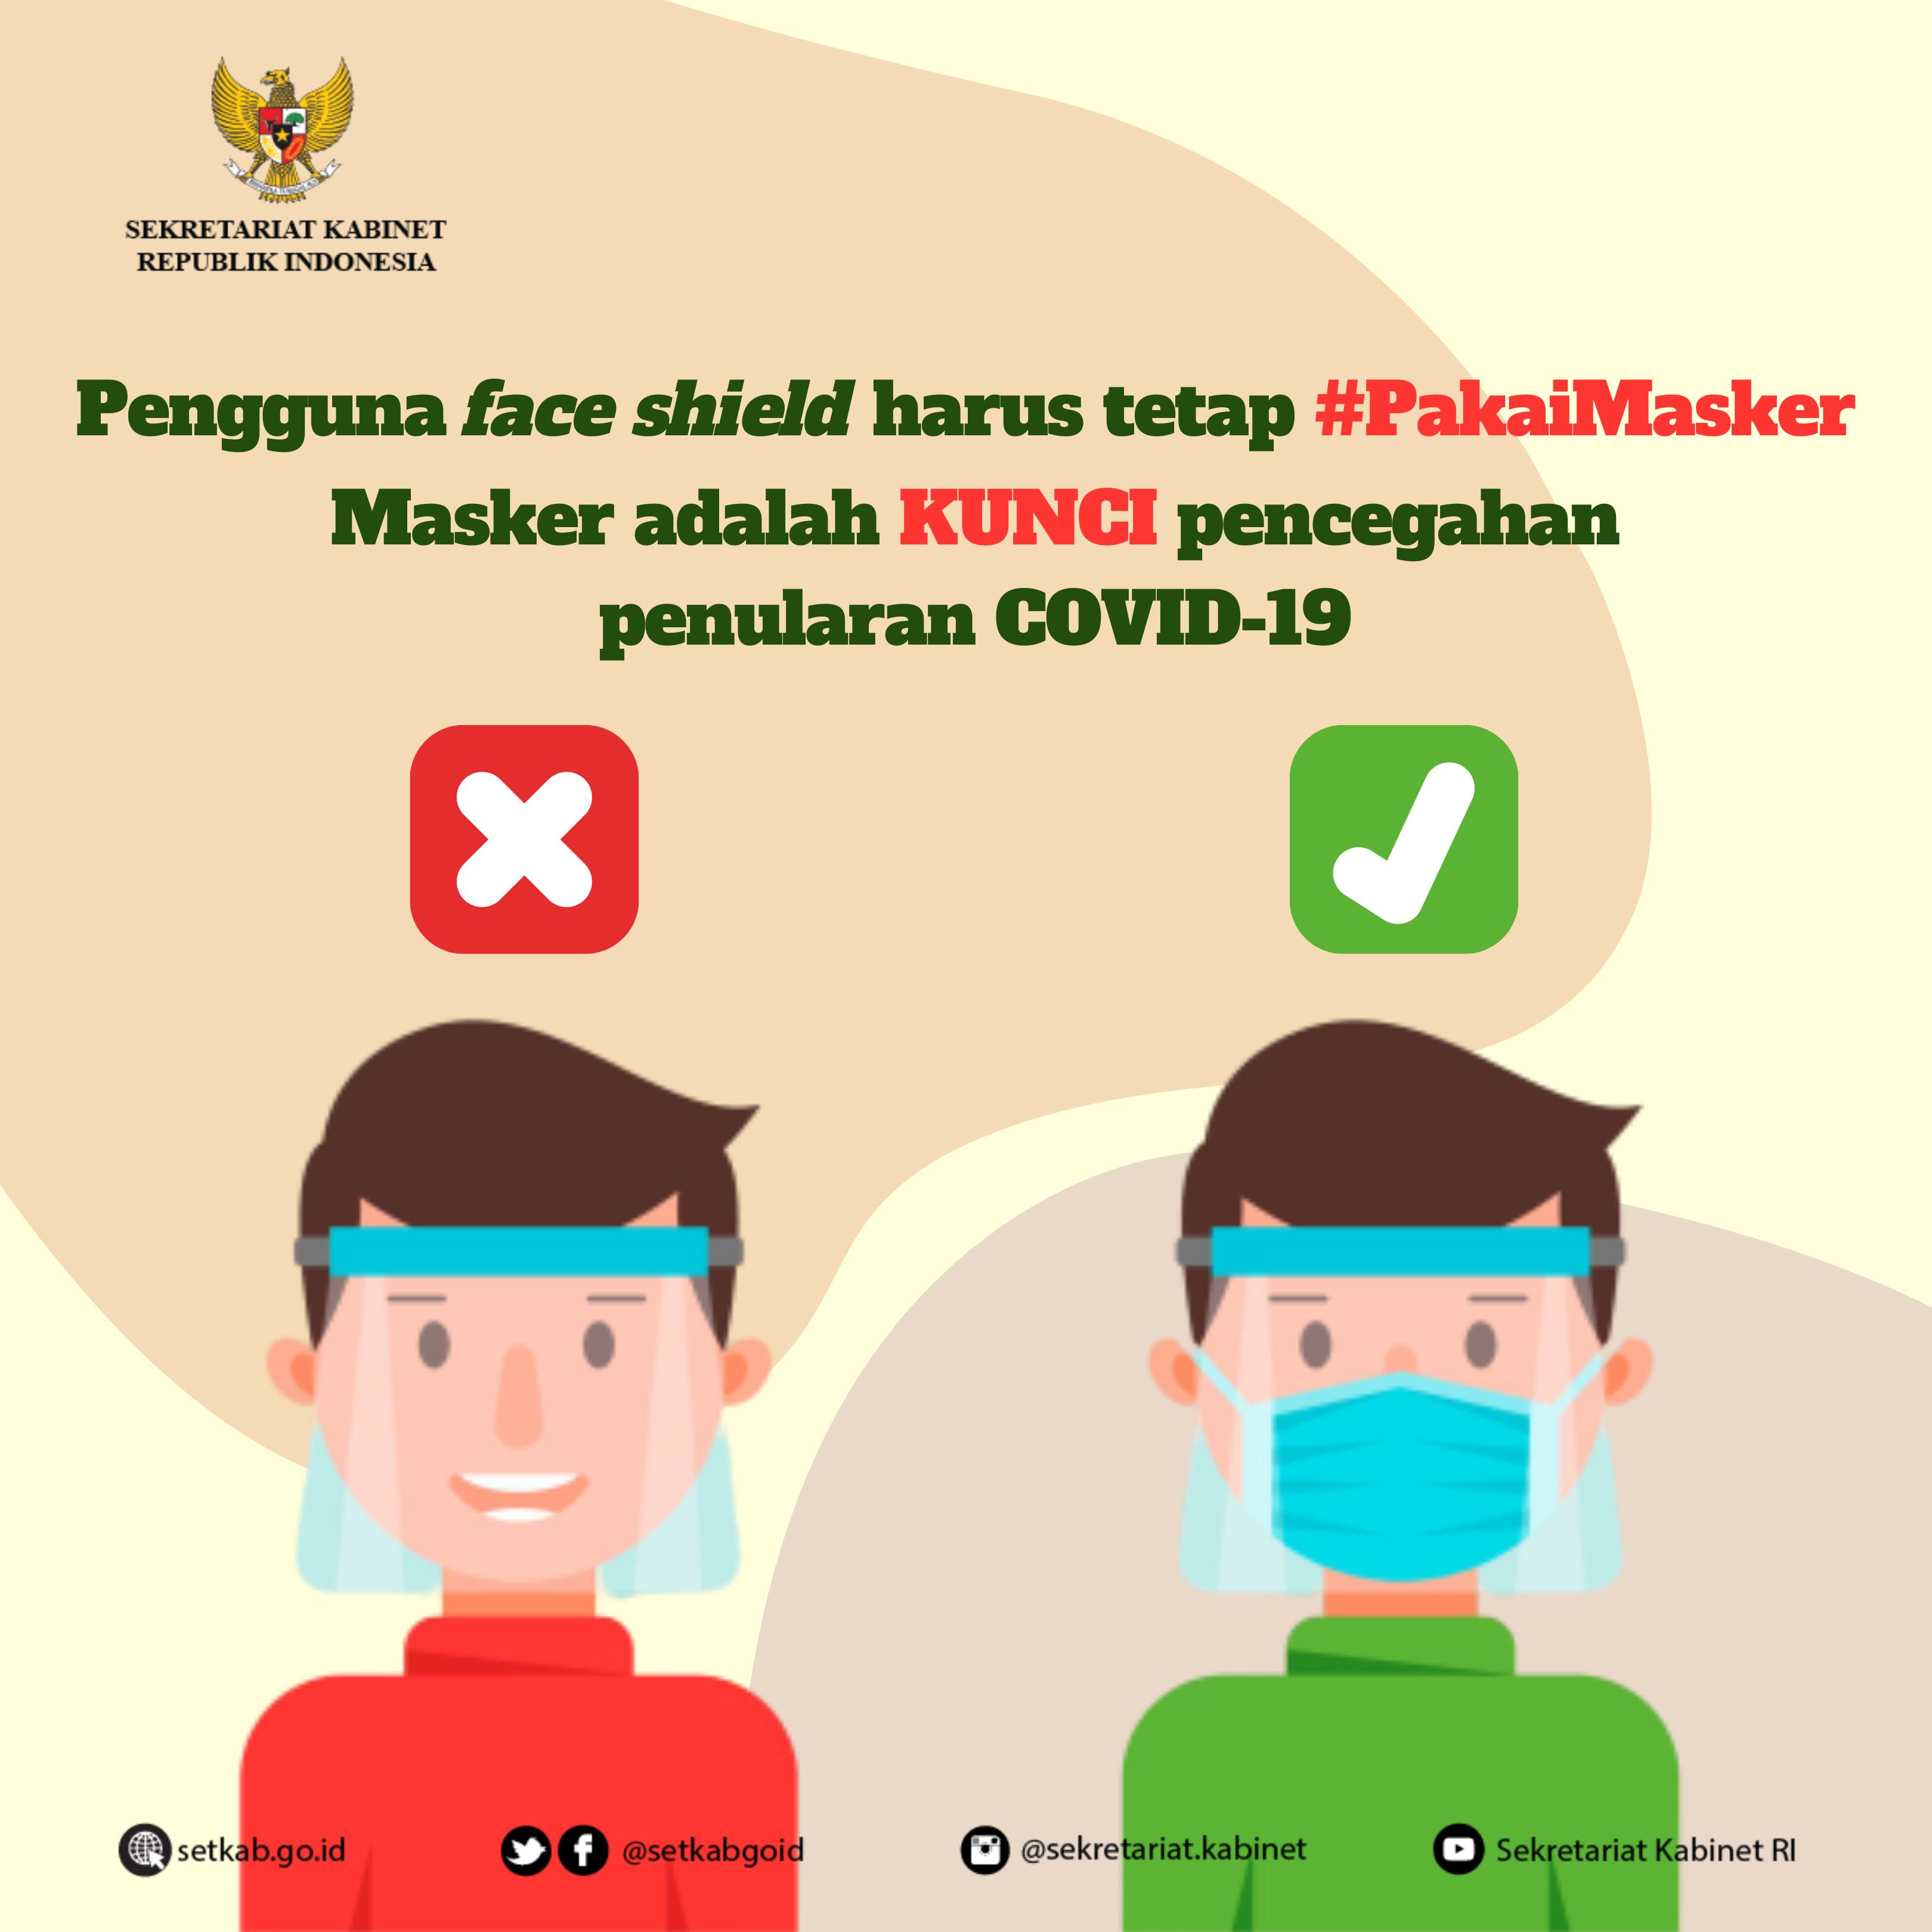 Pakai Face Shield Tetap #PakaiMasker